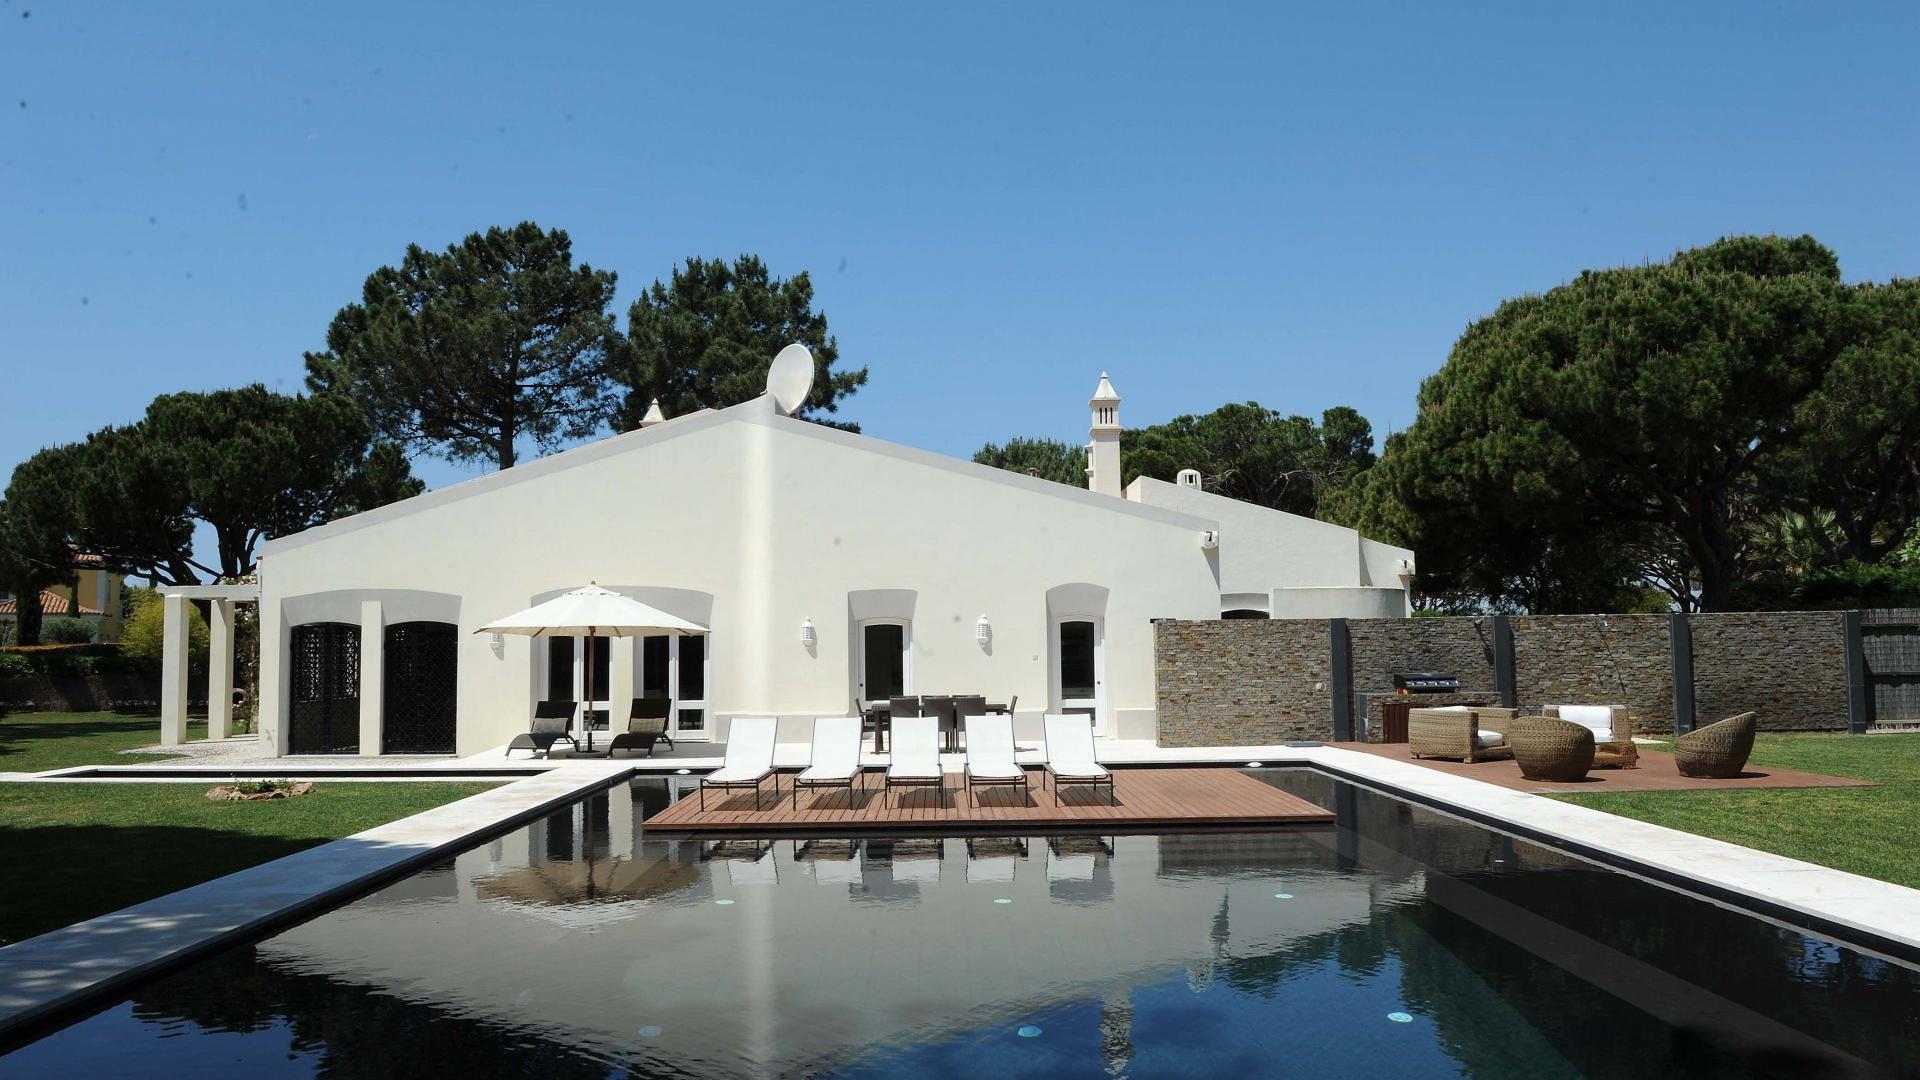 The White House - Vale do Lobo, Algarve - 4DSC_2989_-_Copia.jpg